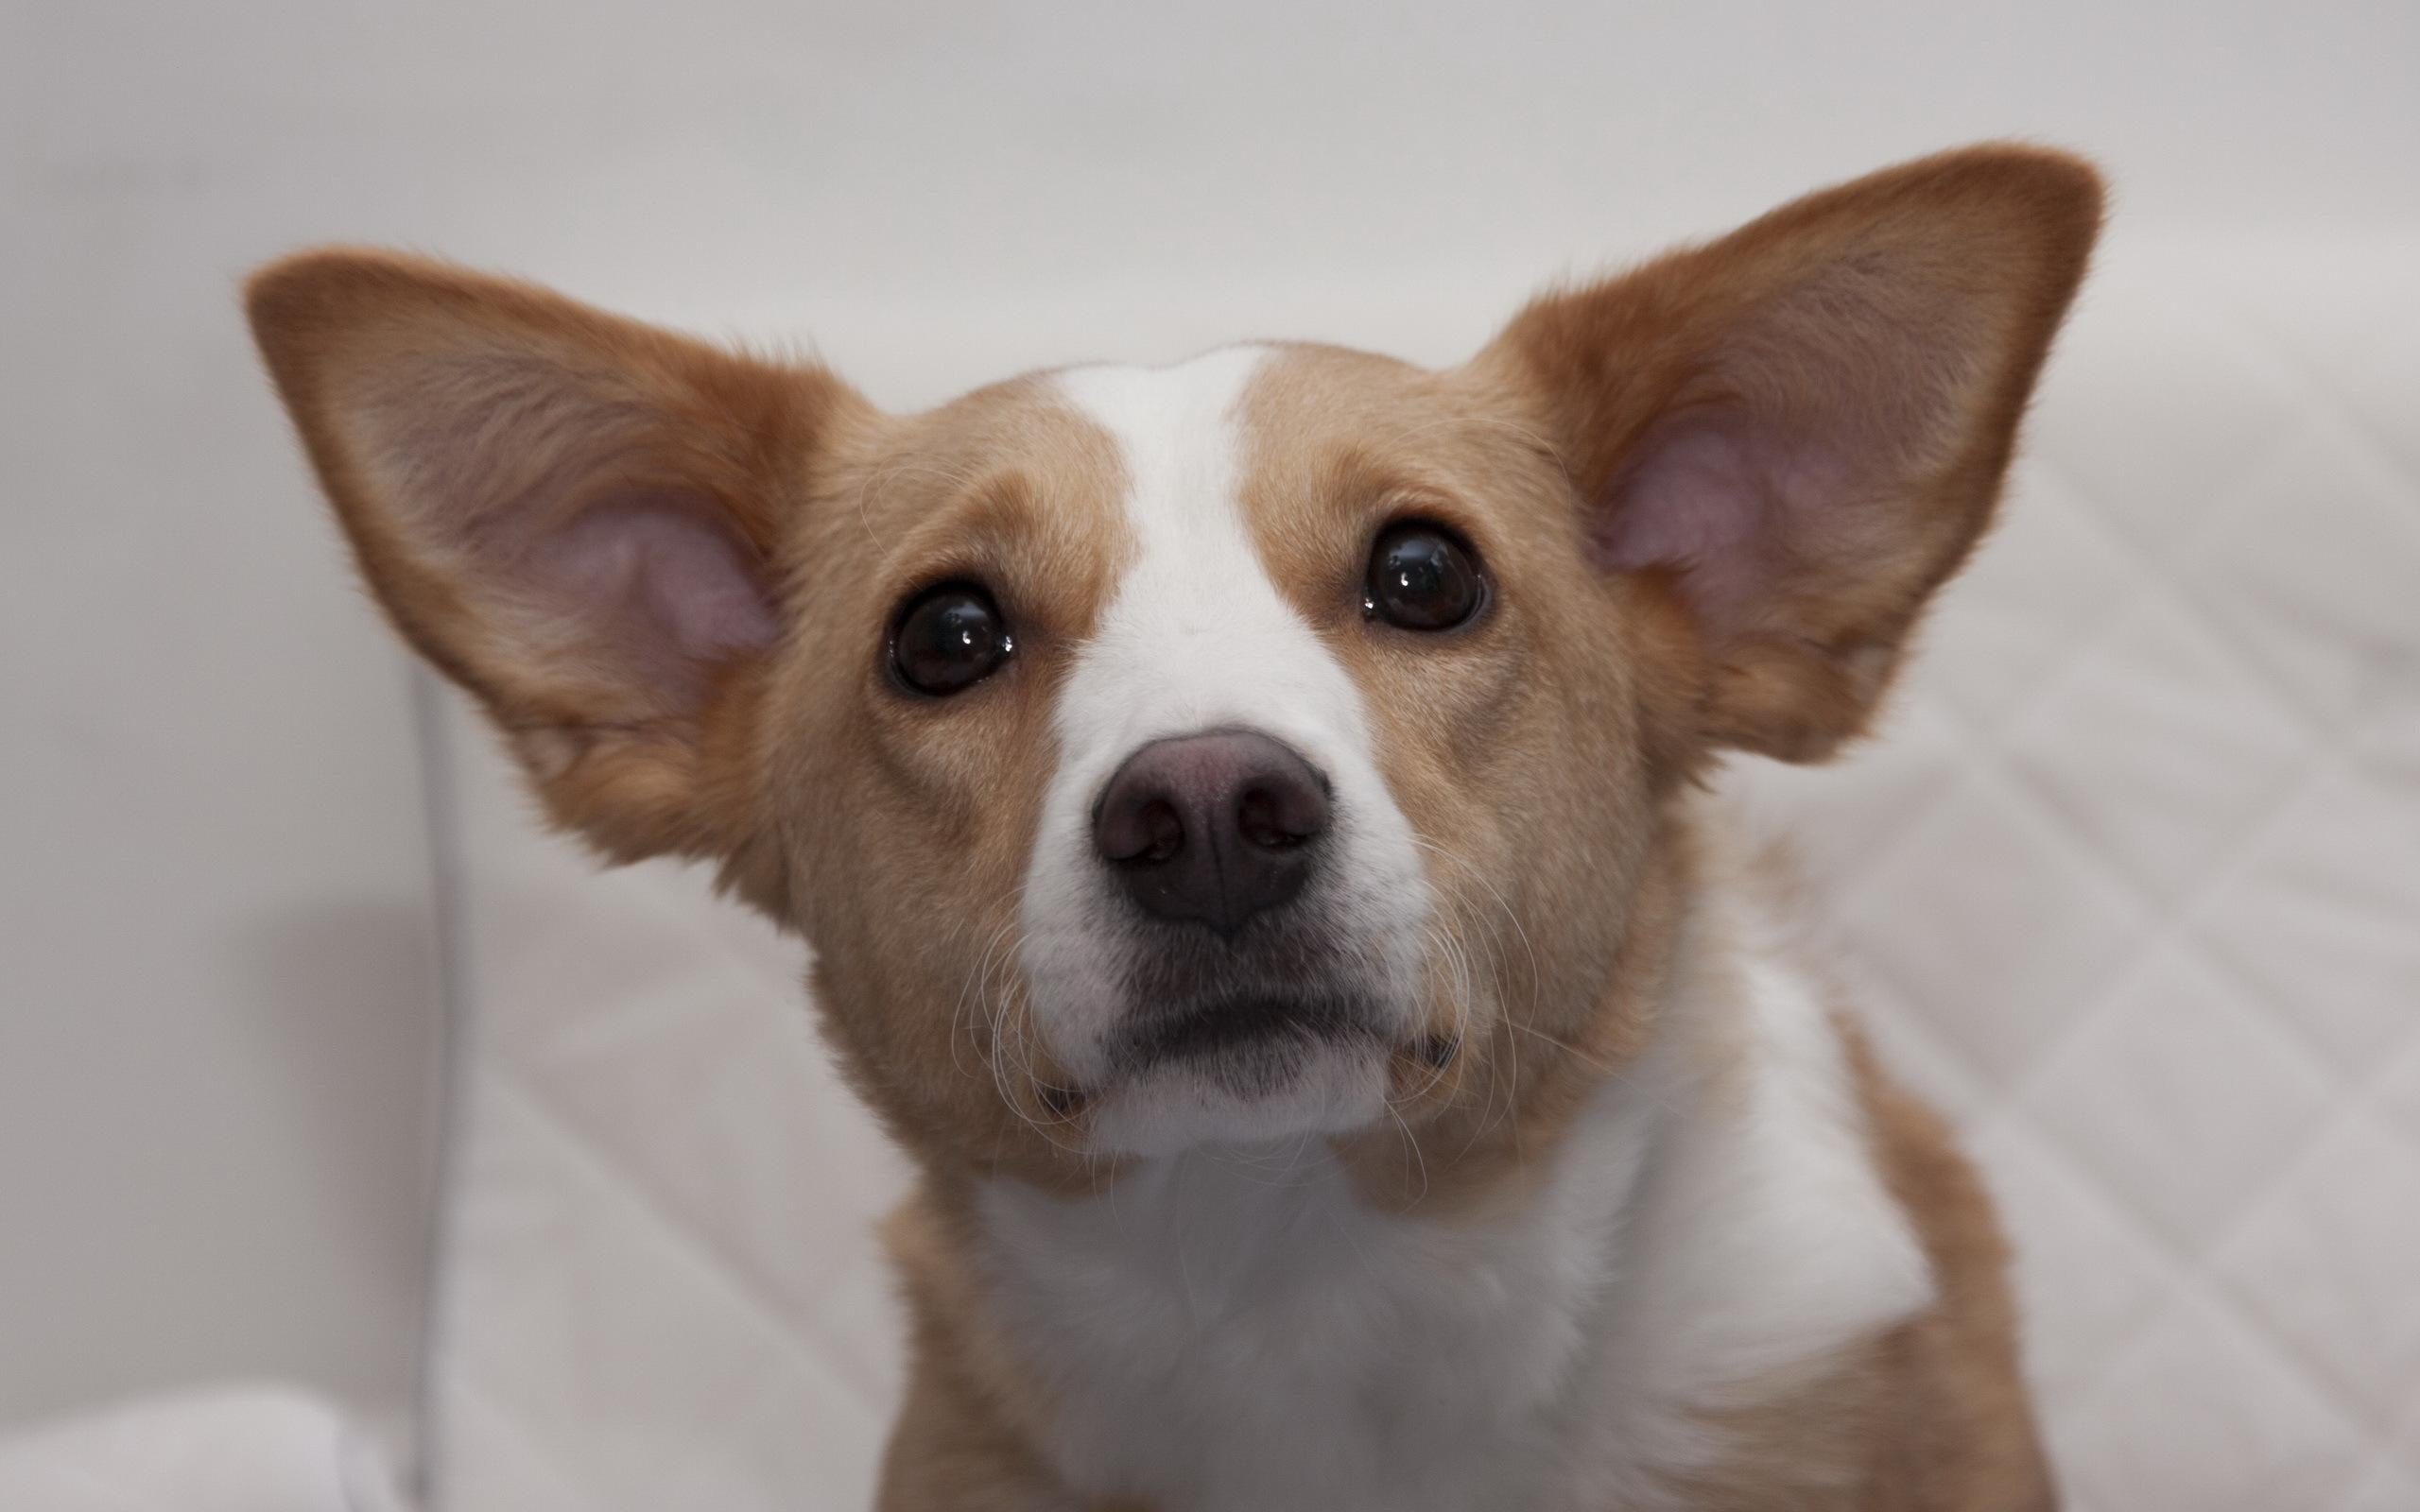 собака пёс взгляд морда dog view muzzle бесплатно